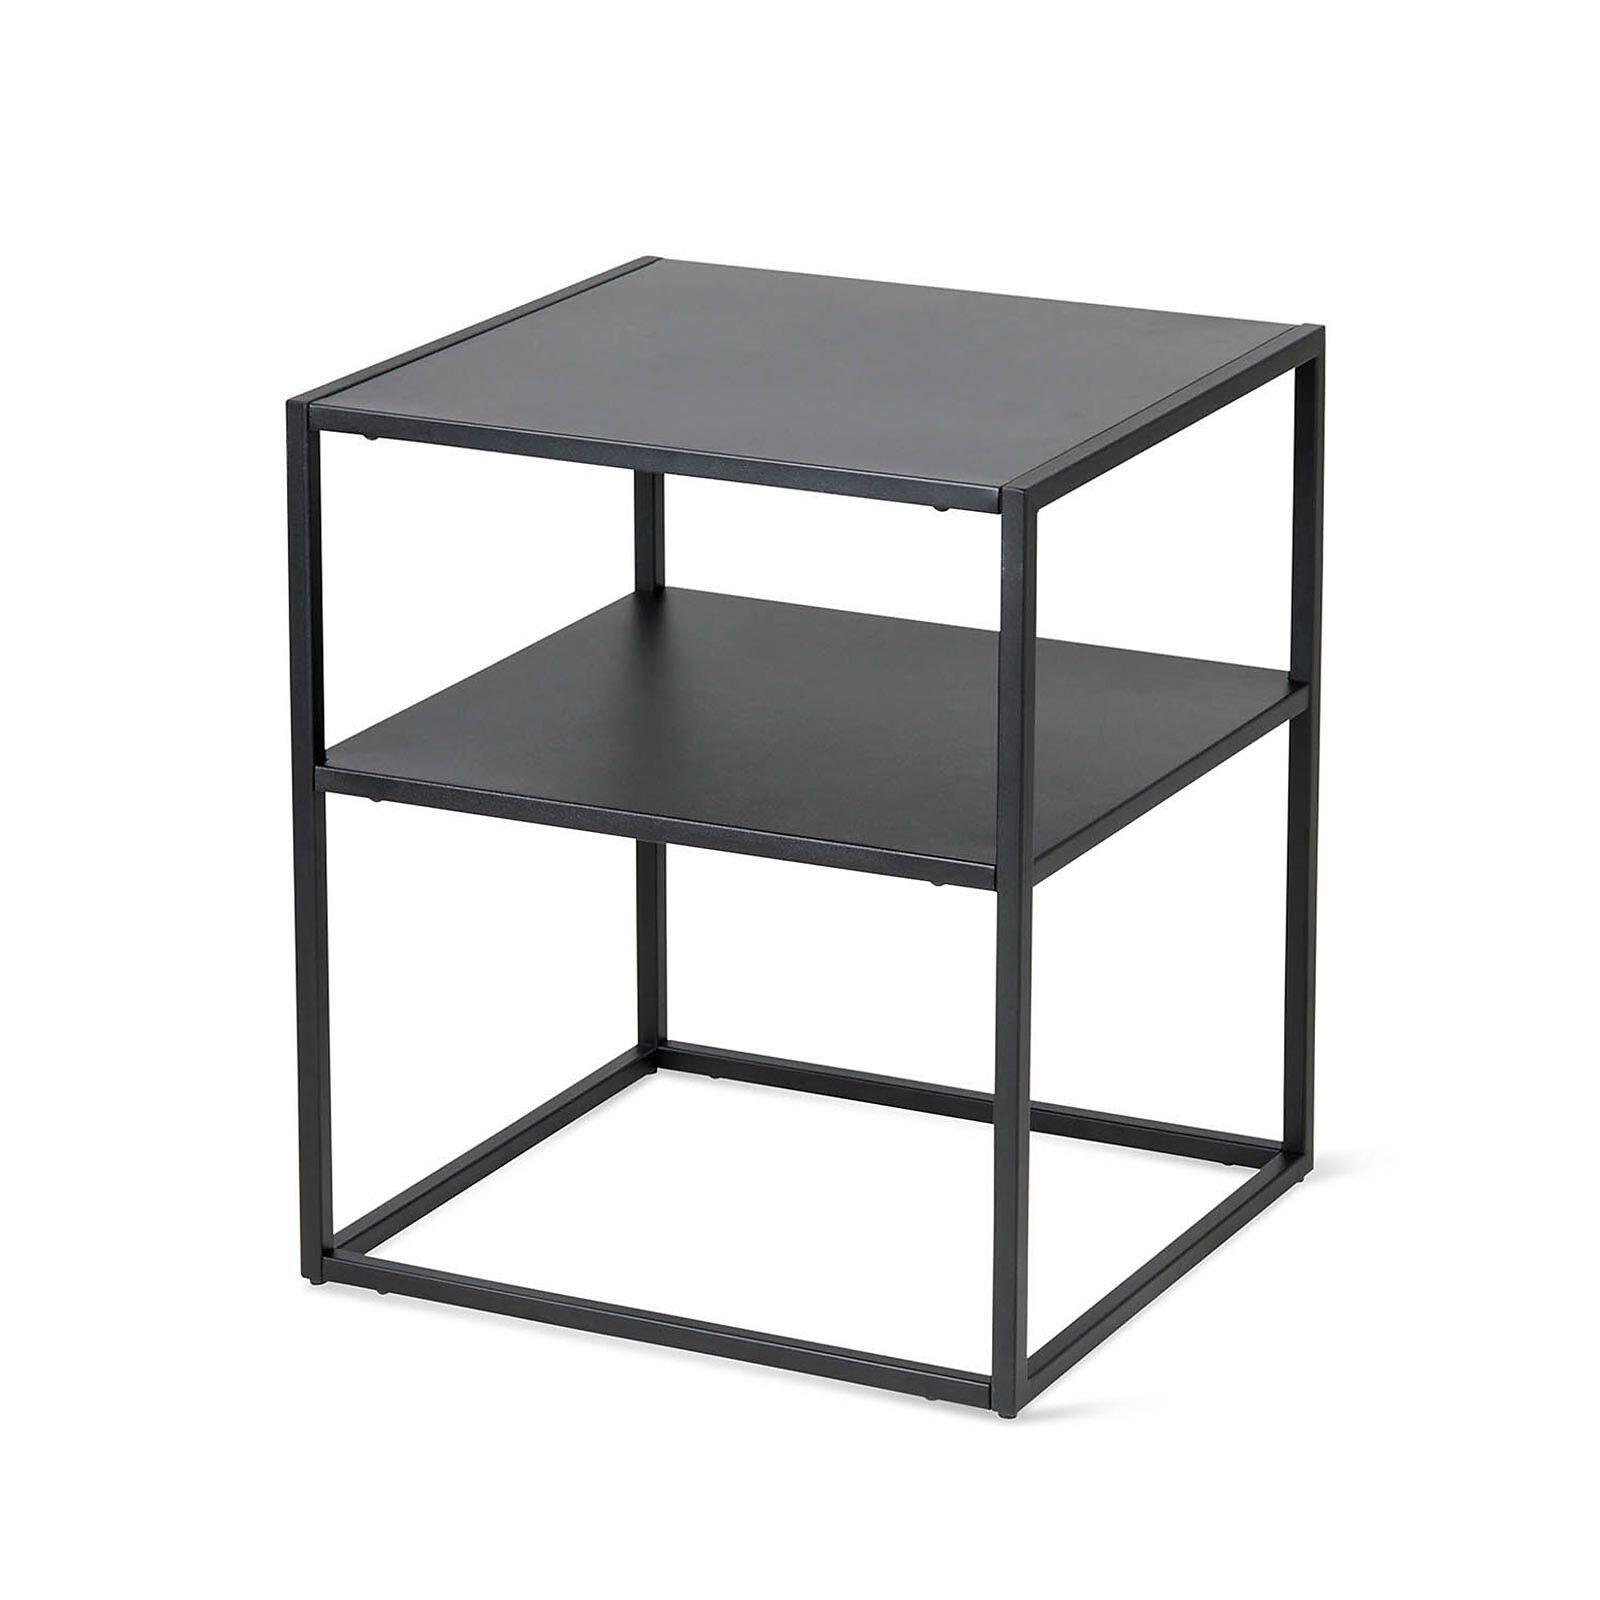 Beistelltisch Mit 2 Ebenen Metall B 45cm X H 50 5cm Schwarz In 2020 Beistelltisch Metall Beistelltisch Metall Schwarz Und Tisch